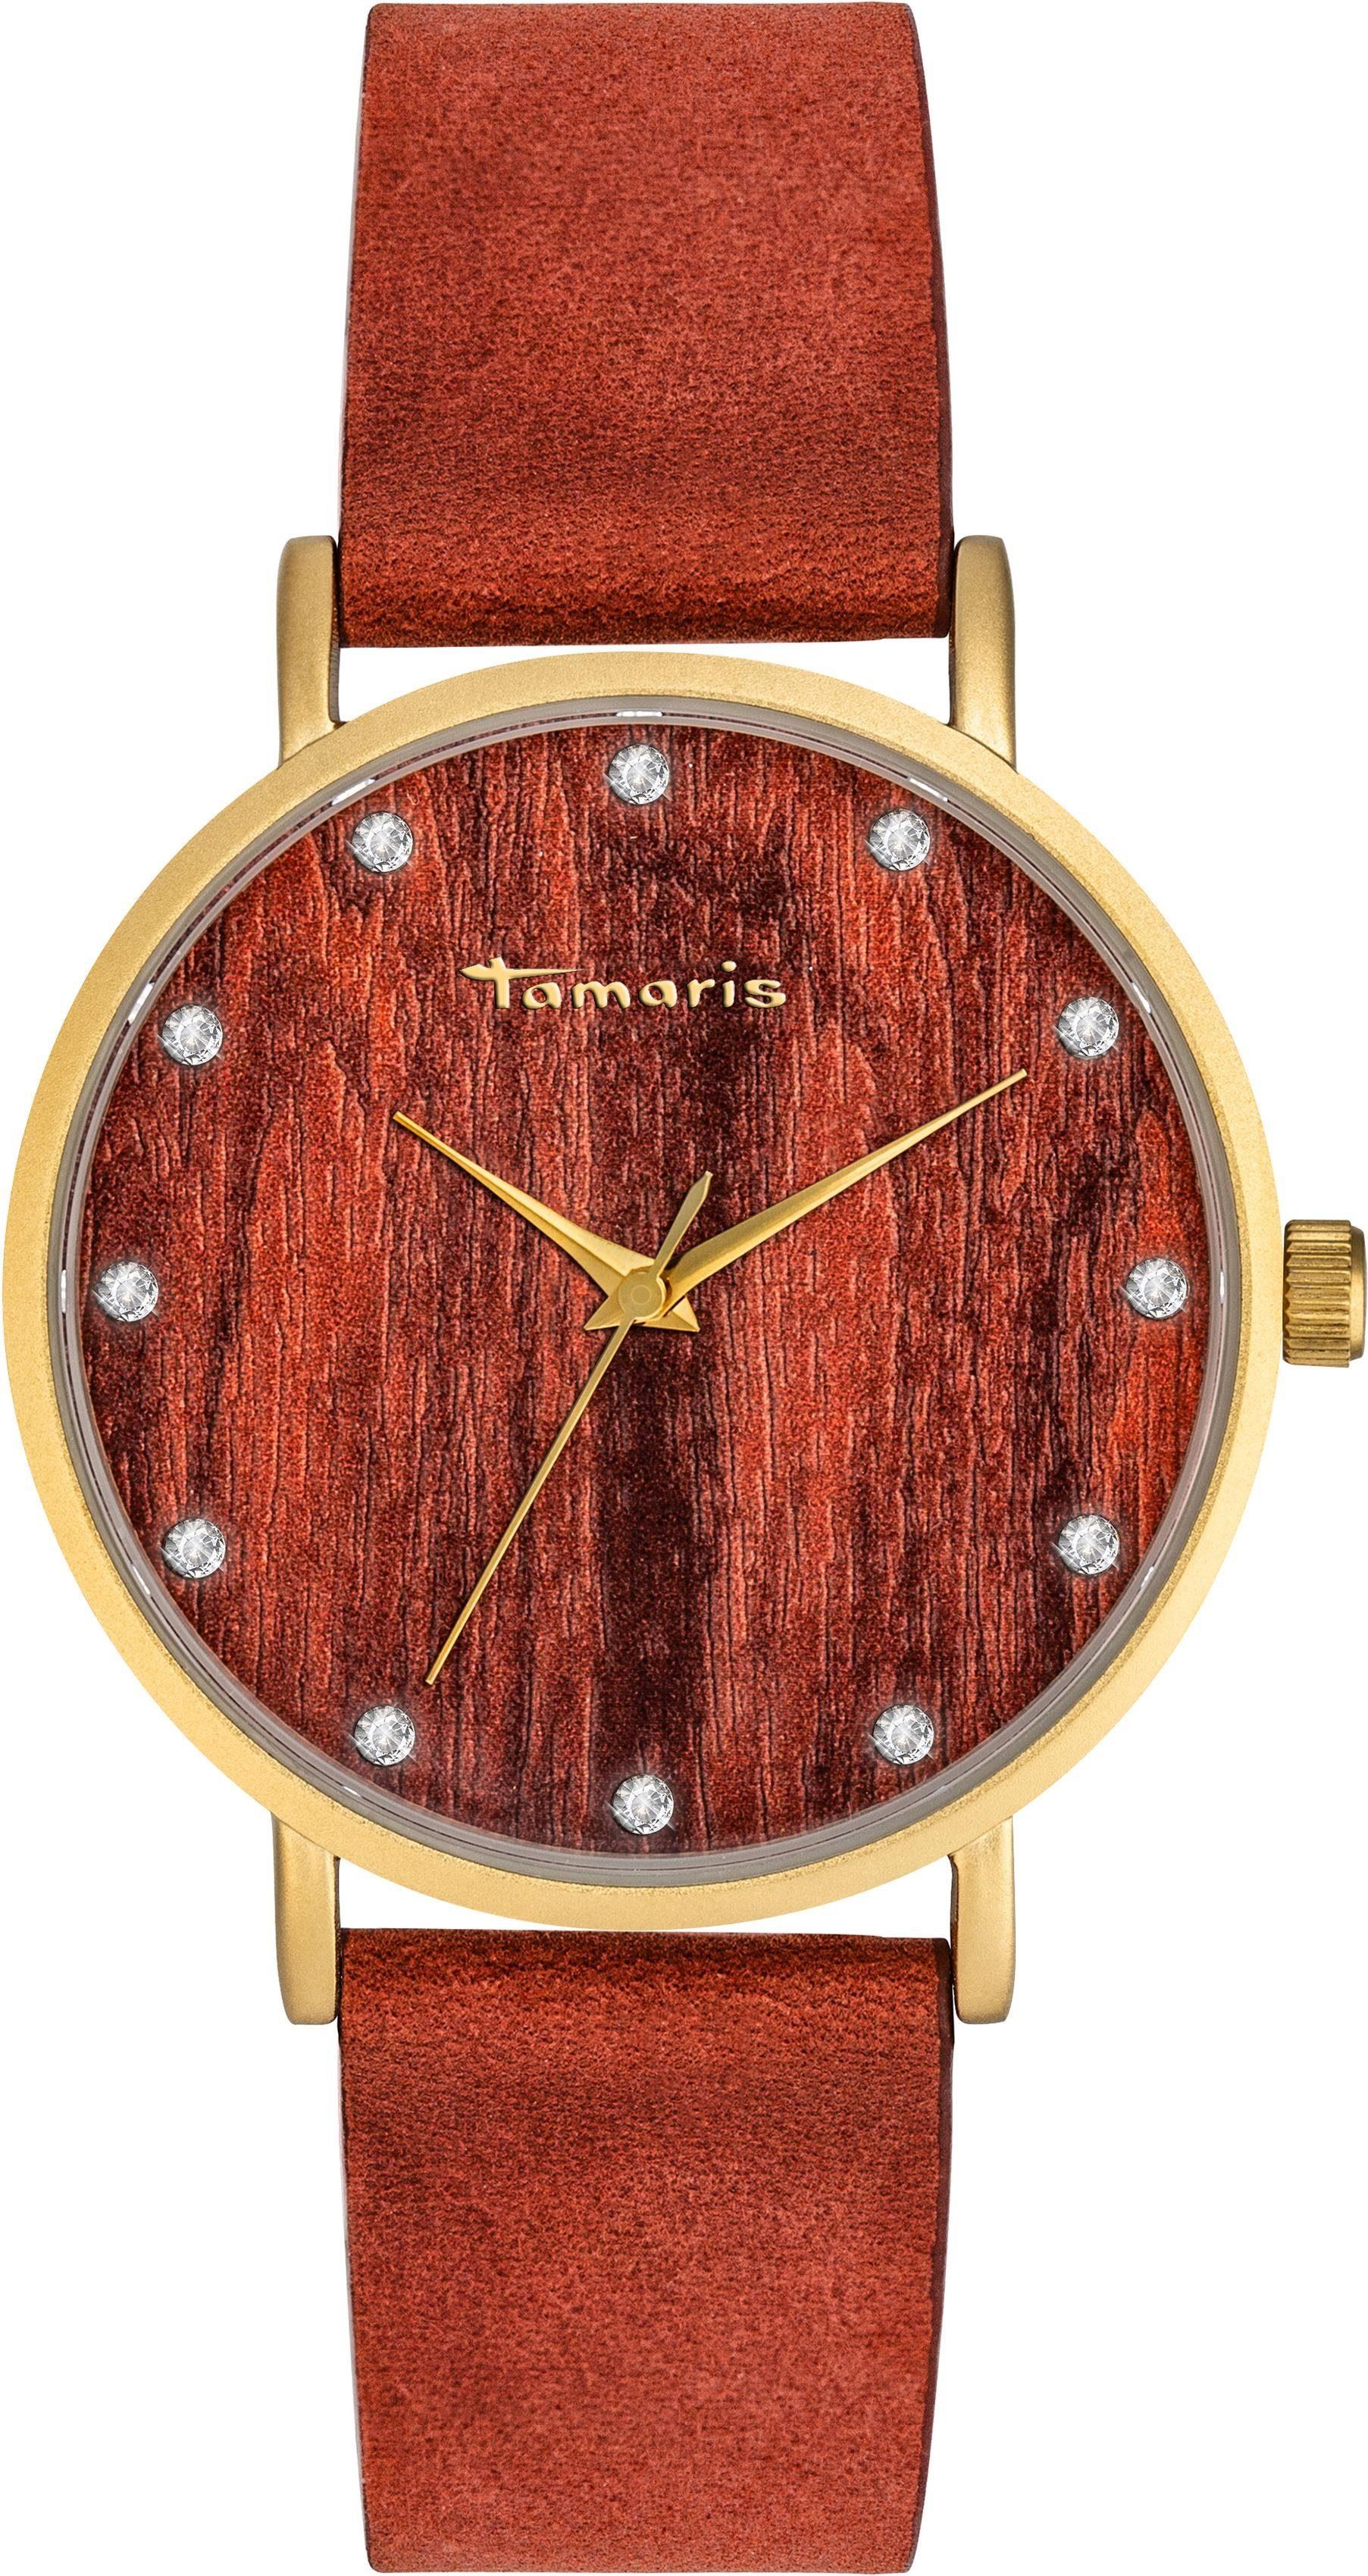 Tamaris Quarzuhr »Alva wood gold, TW032«